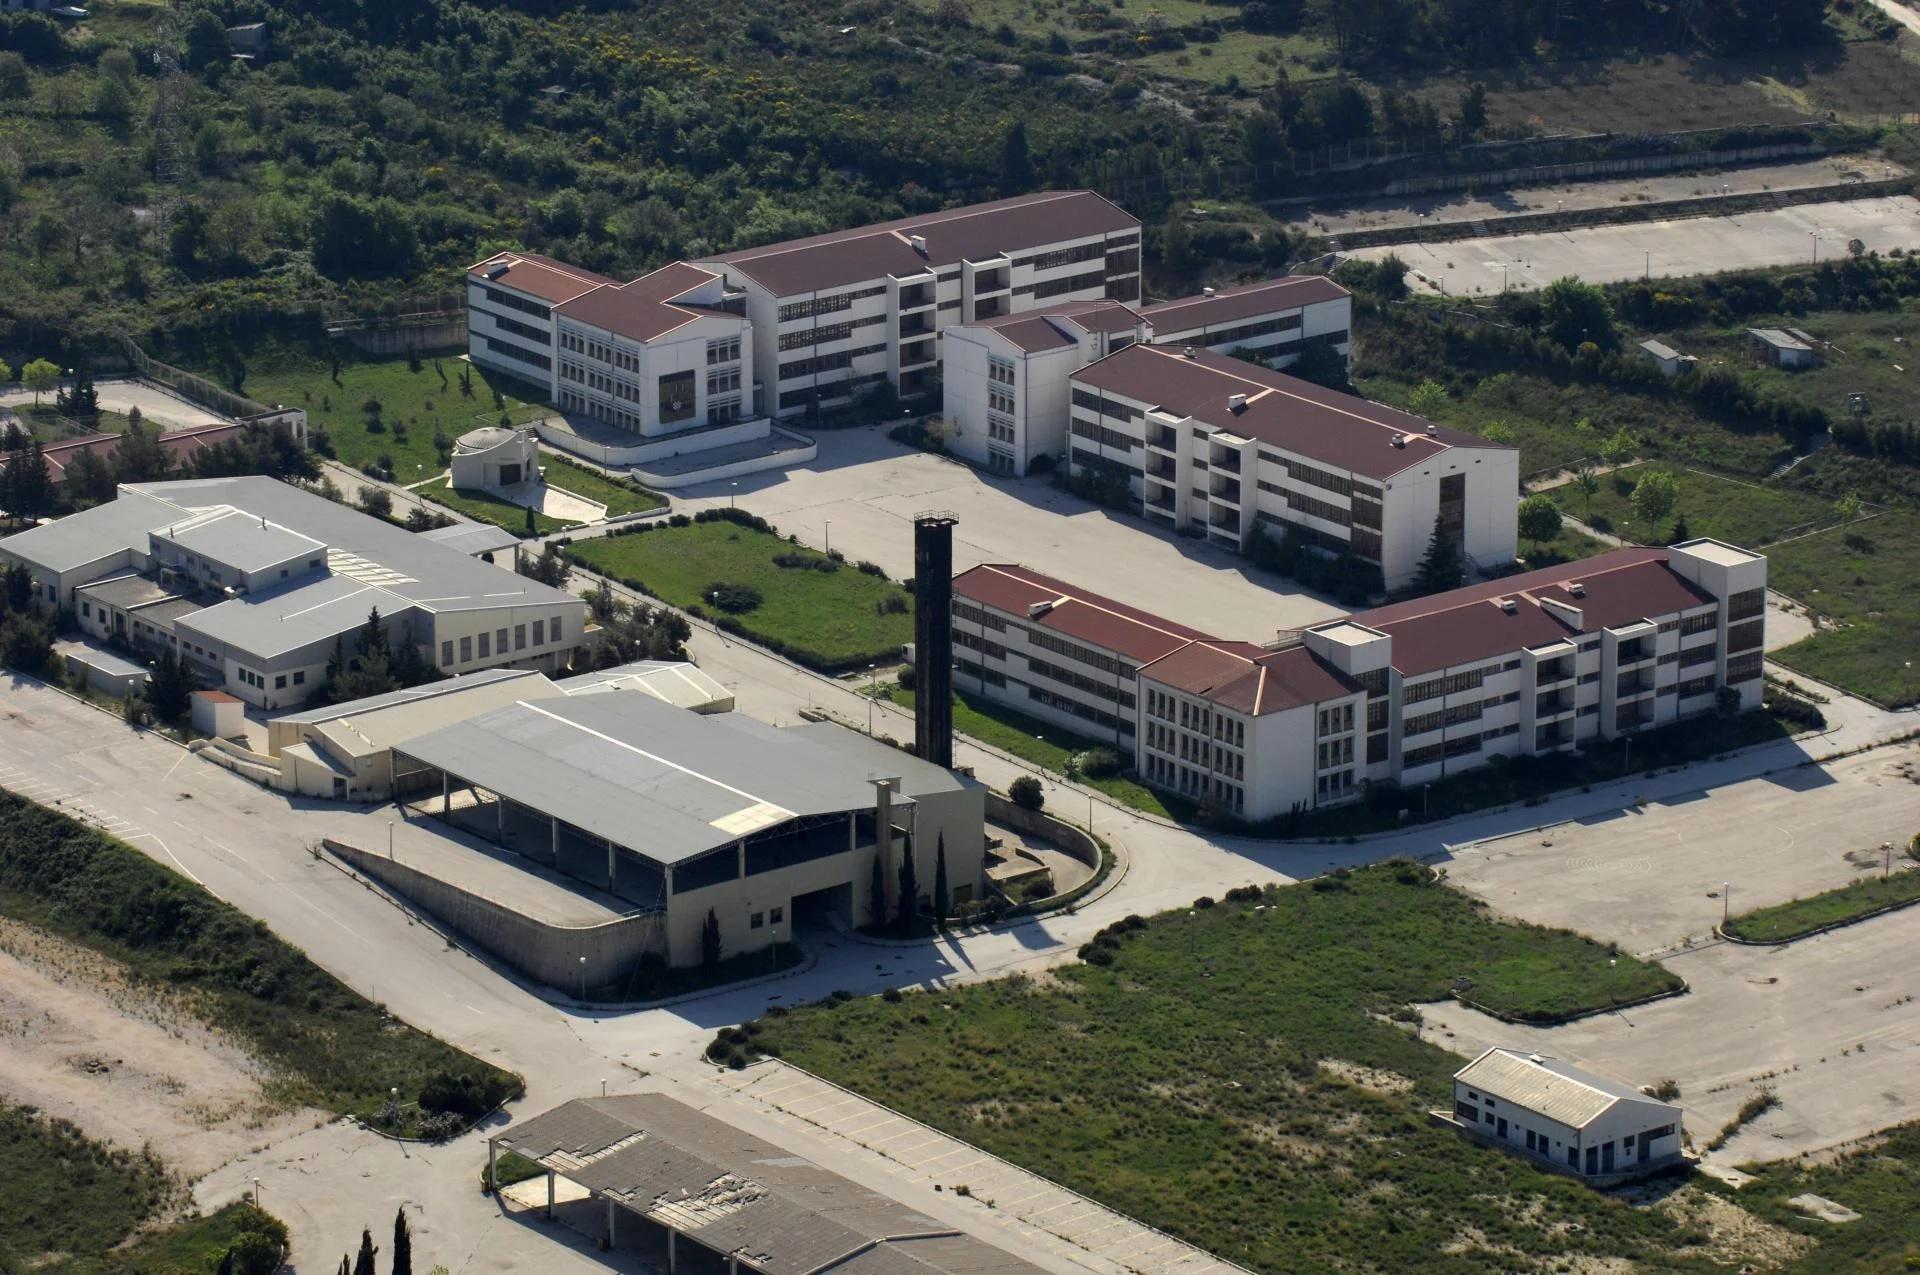 Bivša vojarna u Splitu iz zraka